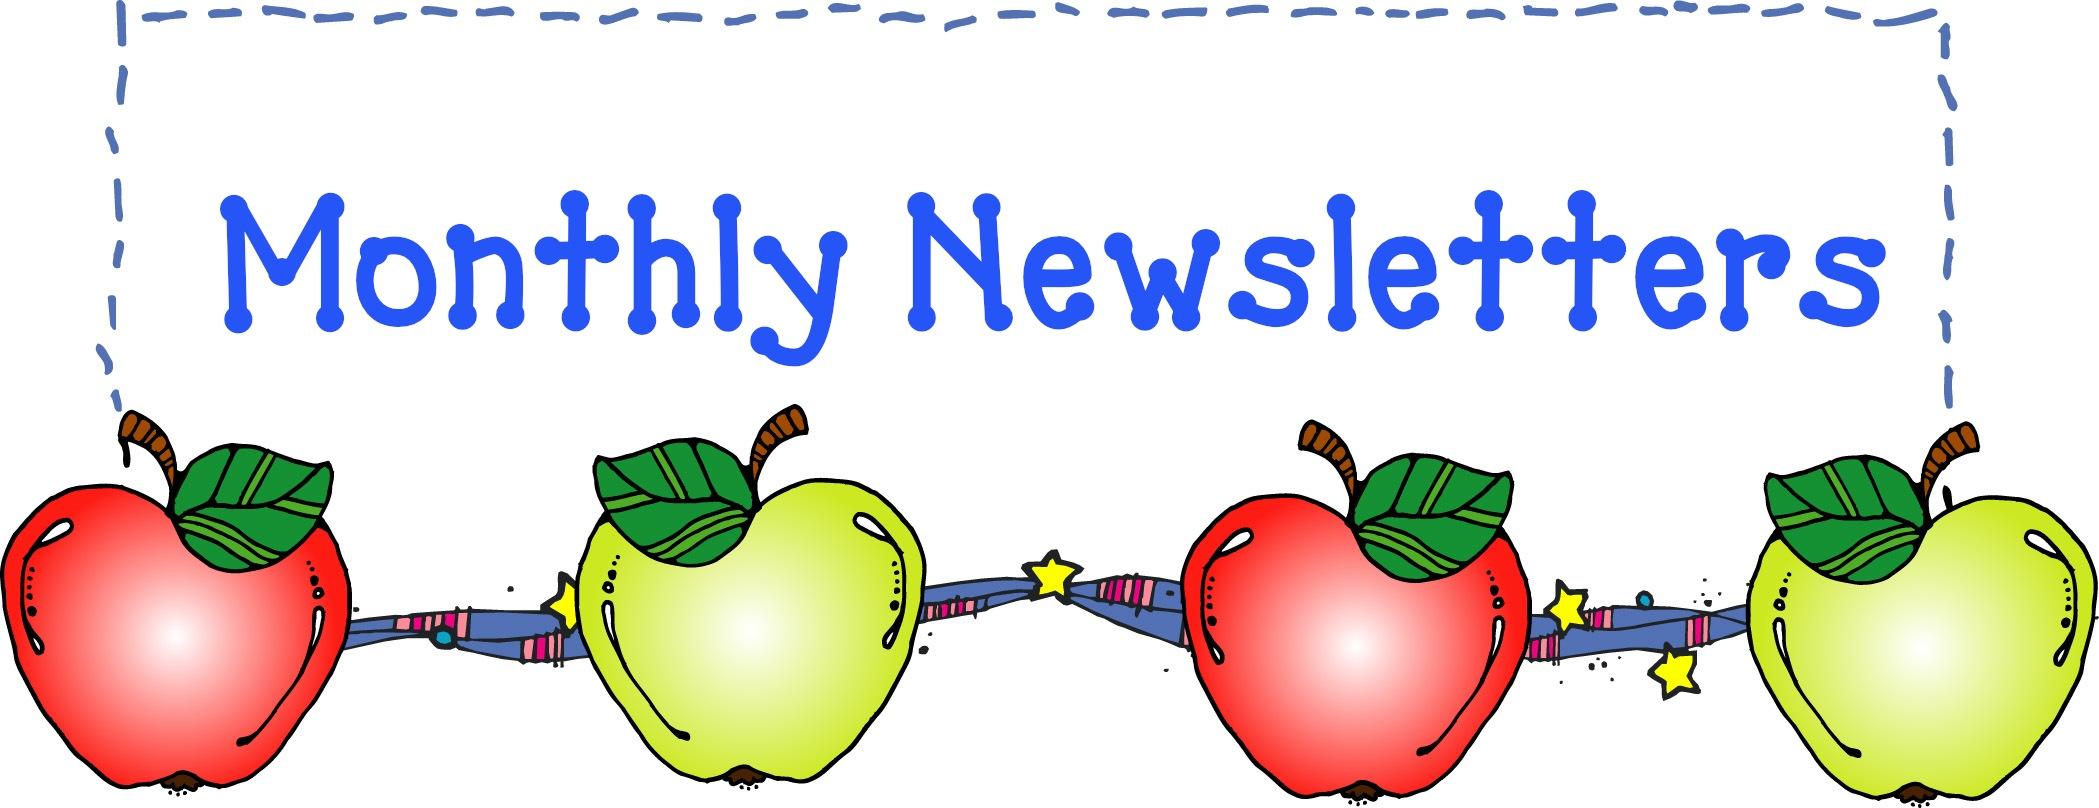 87+ Newsletter Newsletter Clipart.